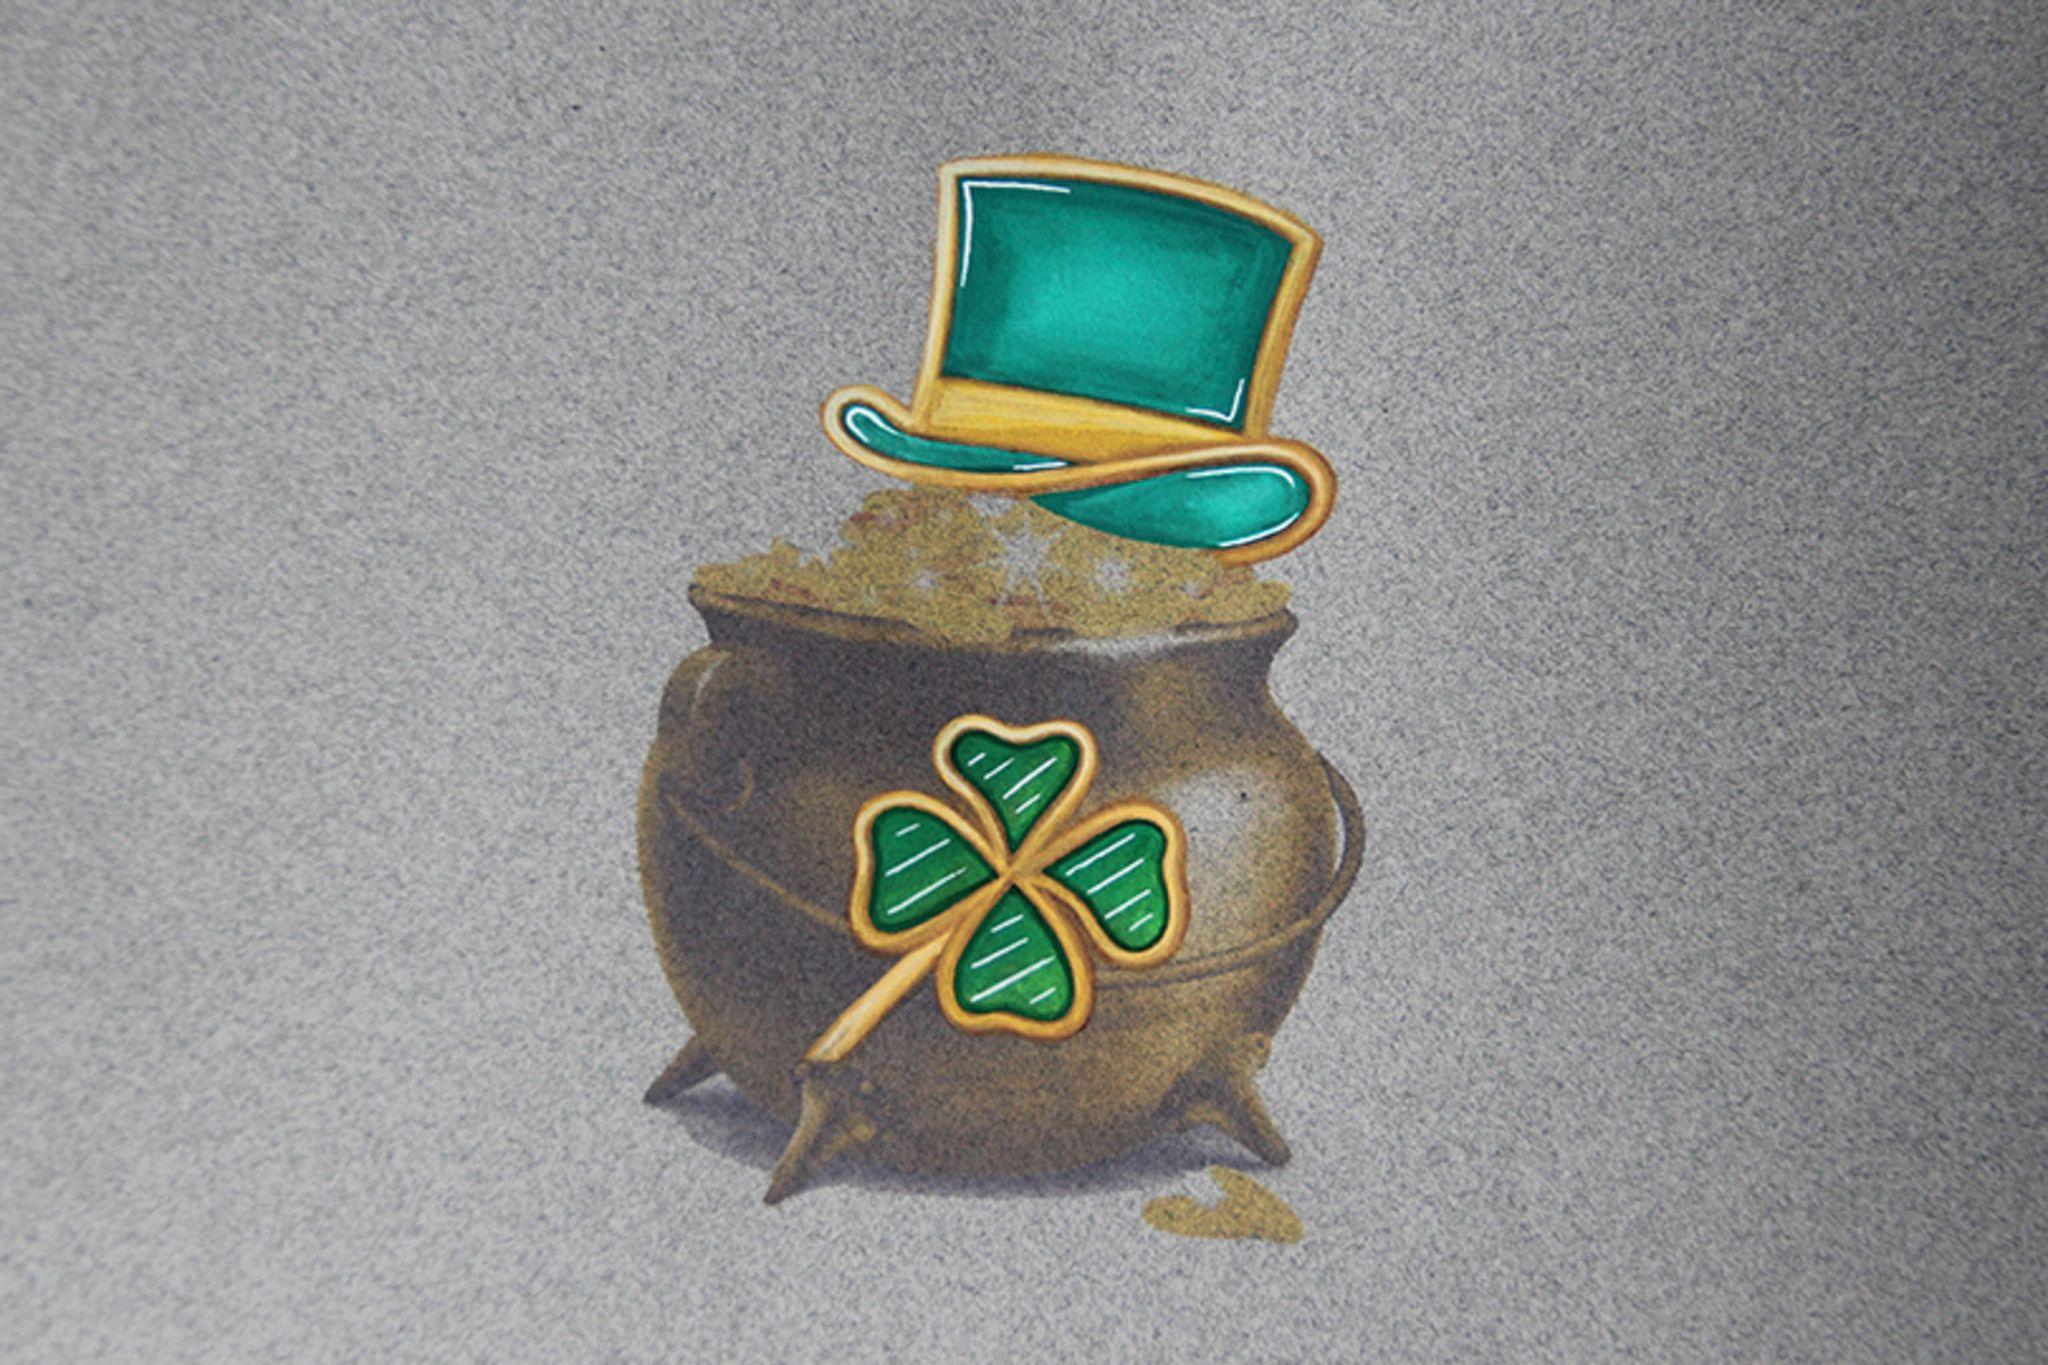 Celebrations St Patrick day 2018